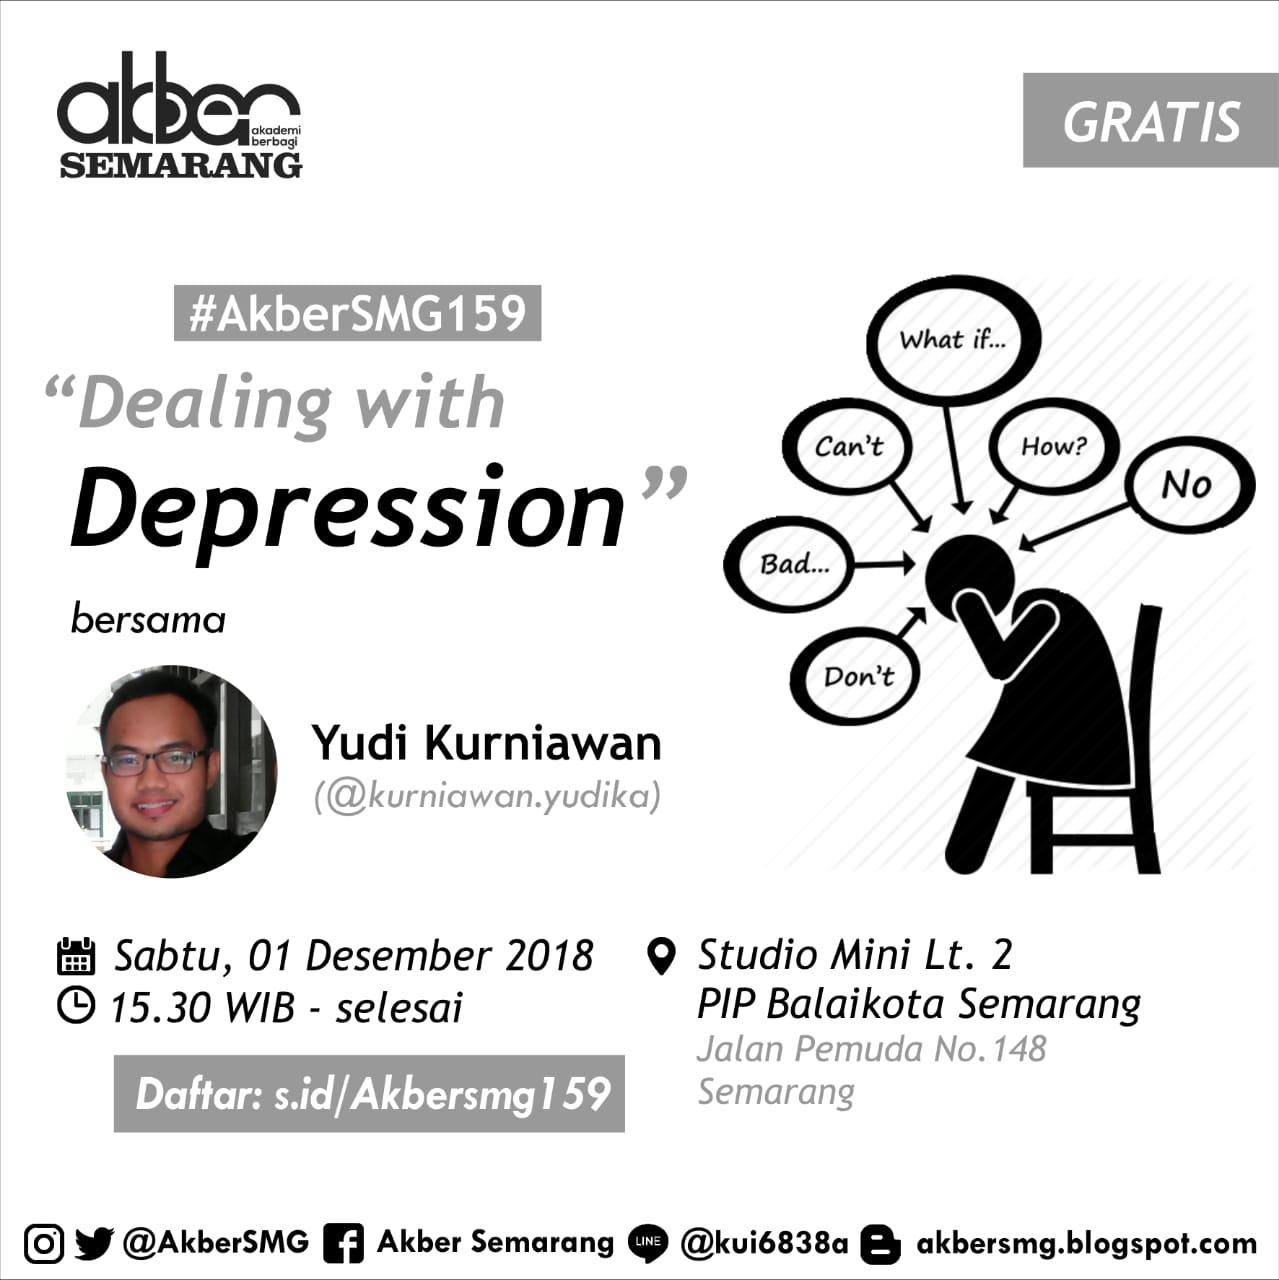 Semarang: Dealing With Depression